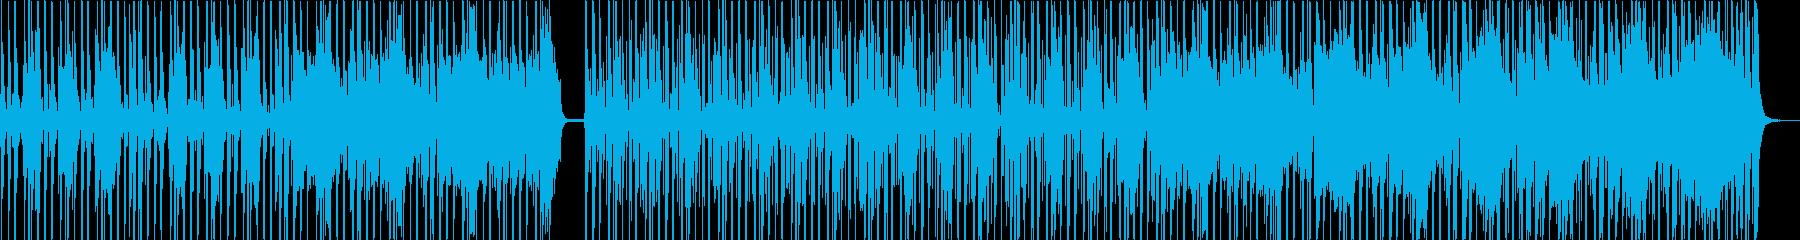 独特なリズムでコミカルなメロディーの再生済みの波形